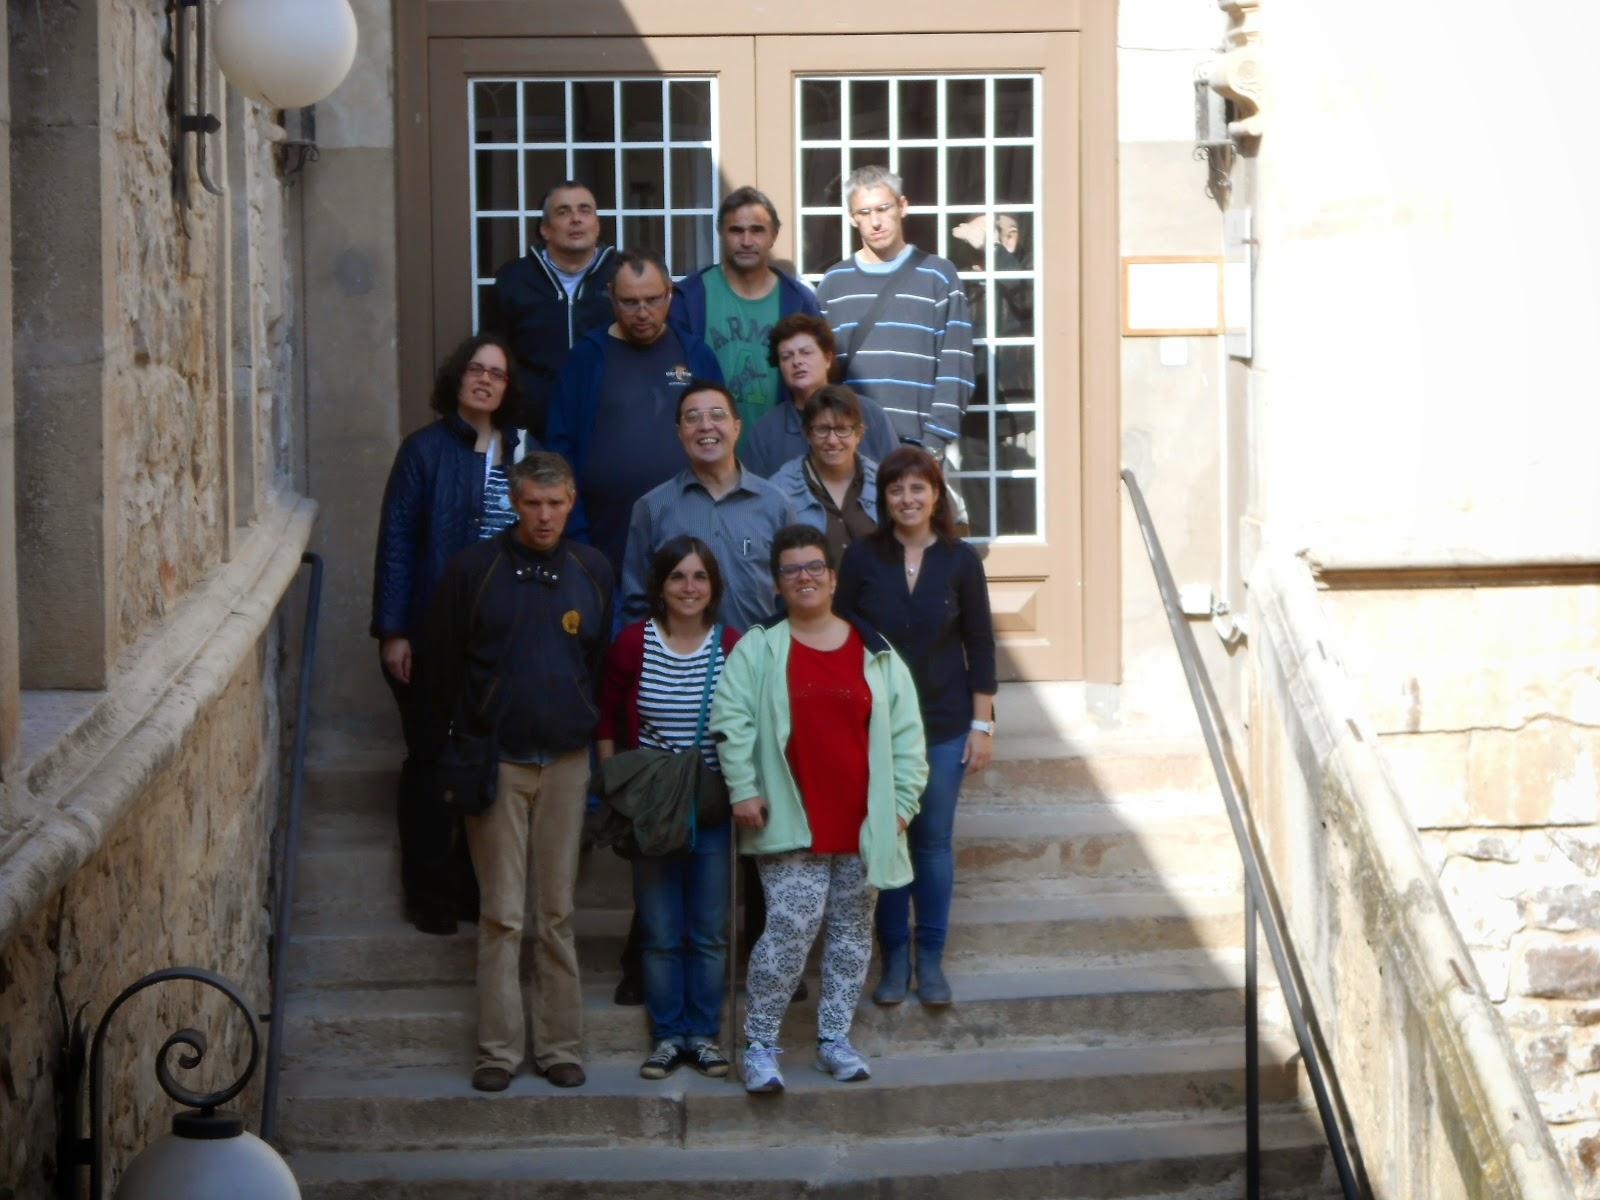 Foto del final de la visita, feta a les escales de la residència juntament amb la directora del centre.